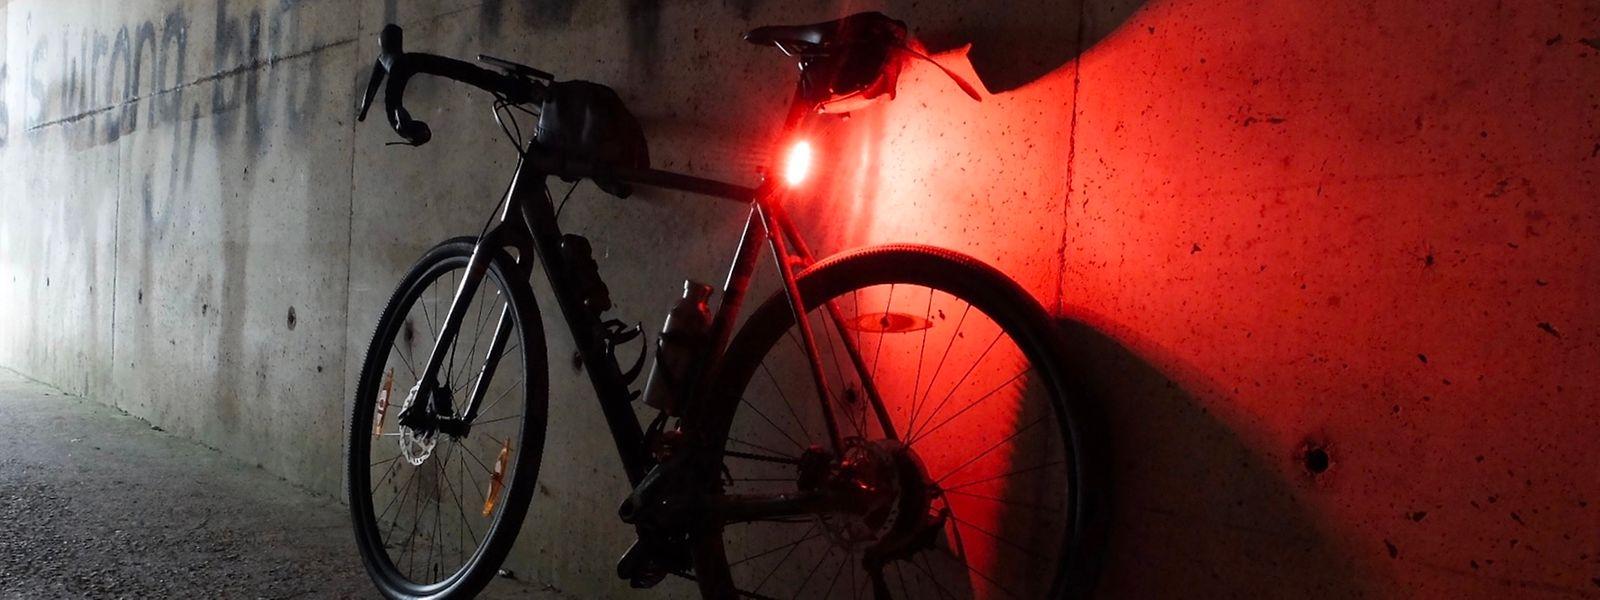 Zusätzlich zu durchgehend leuchtenden weißen Frontscheinwerfern und roten Rücklichtern dürfen nun auch blinkende rote Rücklichter an Fahrrädern, Kleidung und Helm angebracht werden.